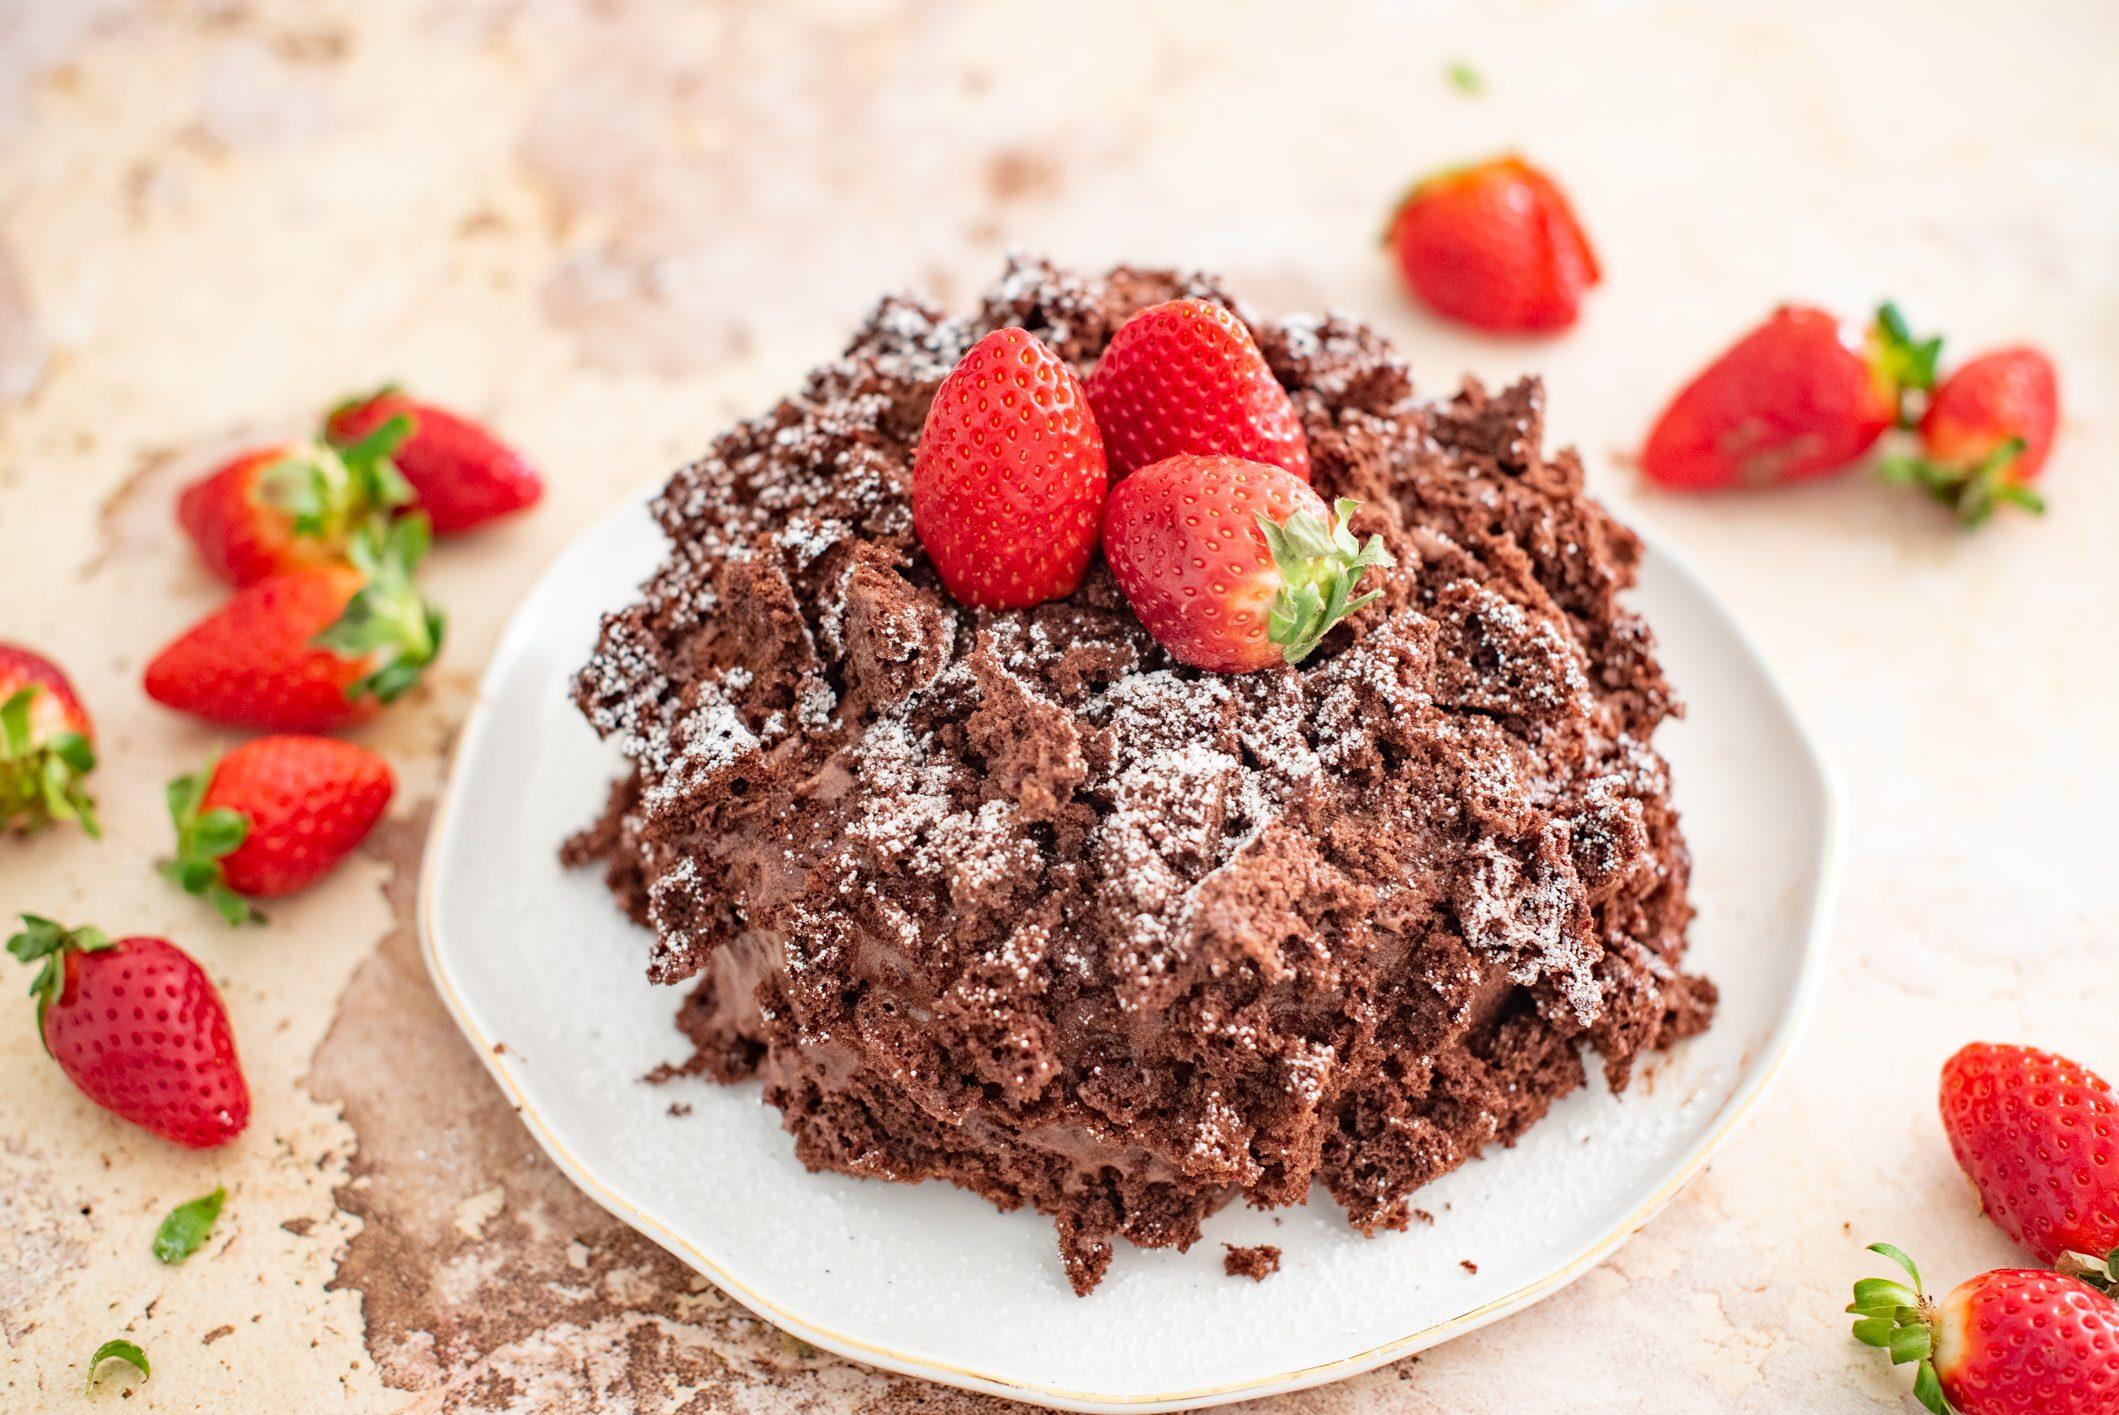 Torta mimosa al cioccolato: la ricetta del dolce semplice e goloso dedicato alle donne